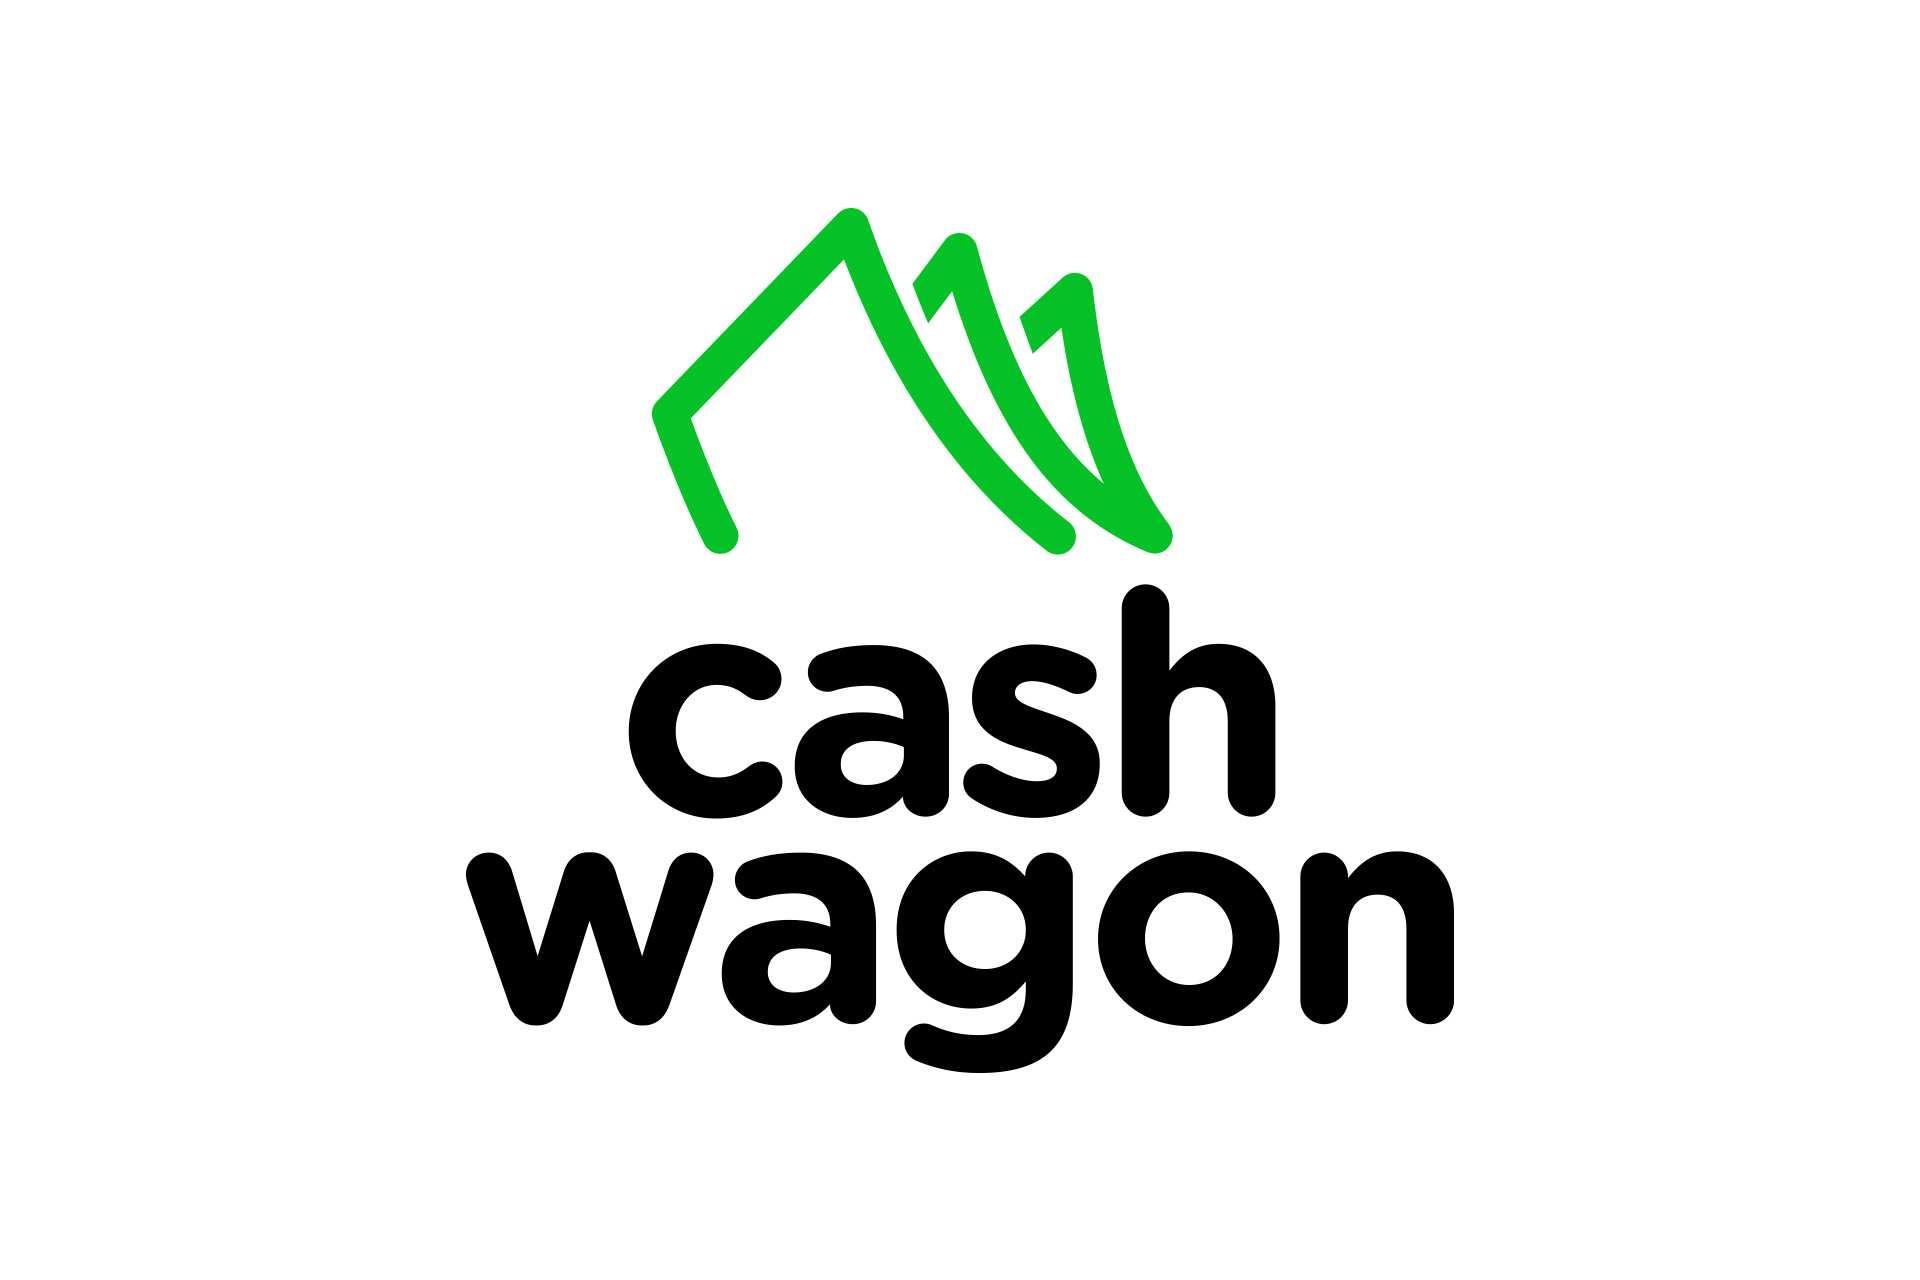 Vay tiền Cashwagon có uy tín không? Có nên vay tiền online Cashwagon?